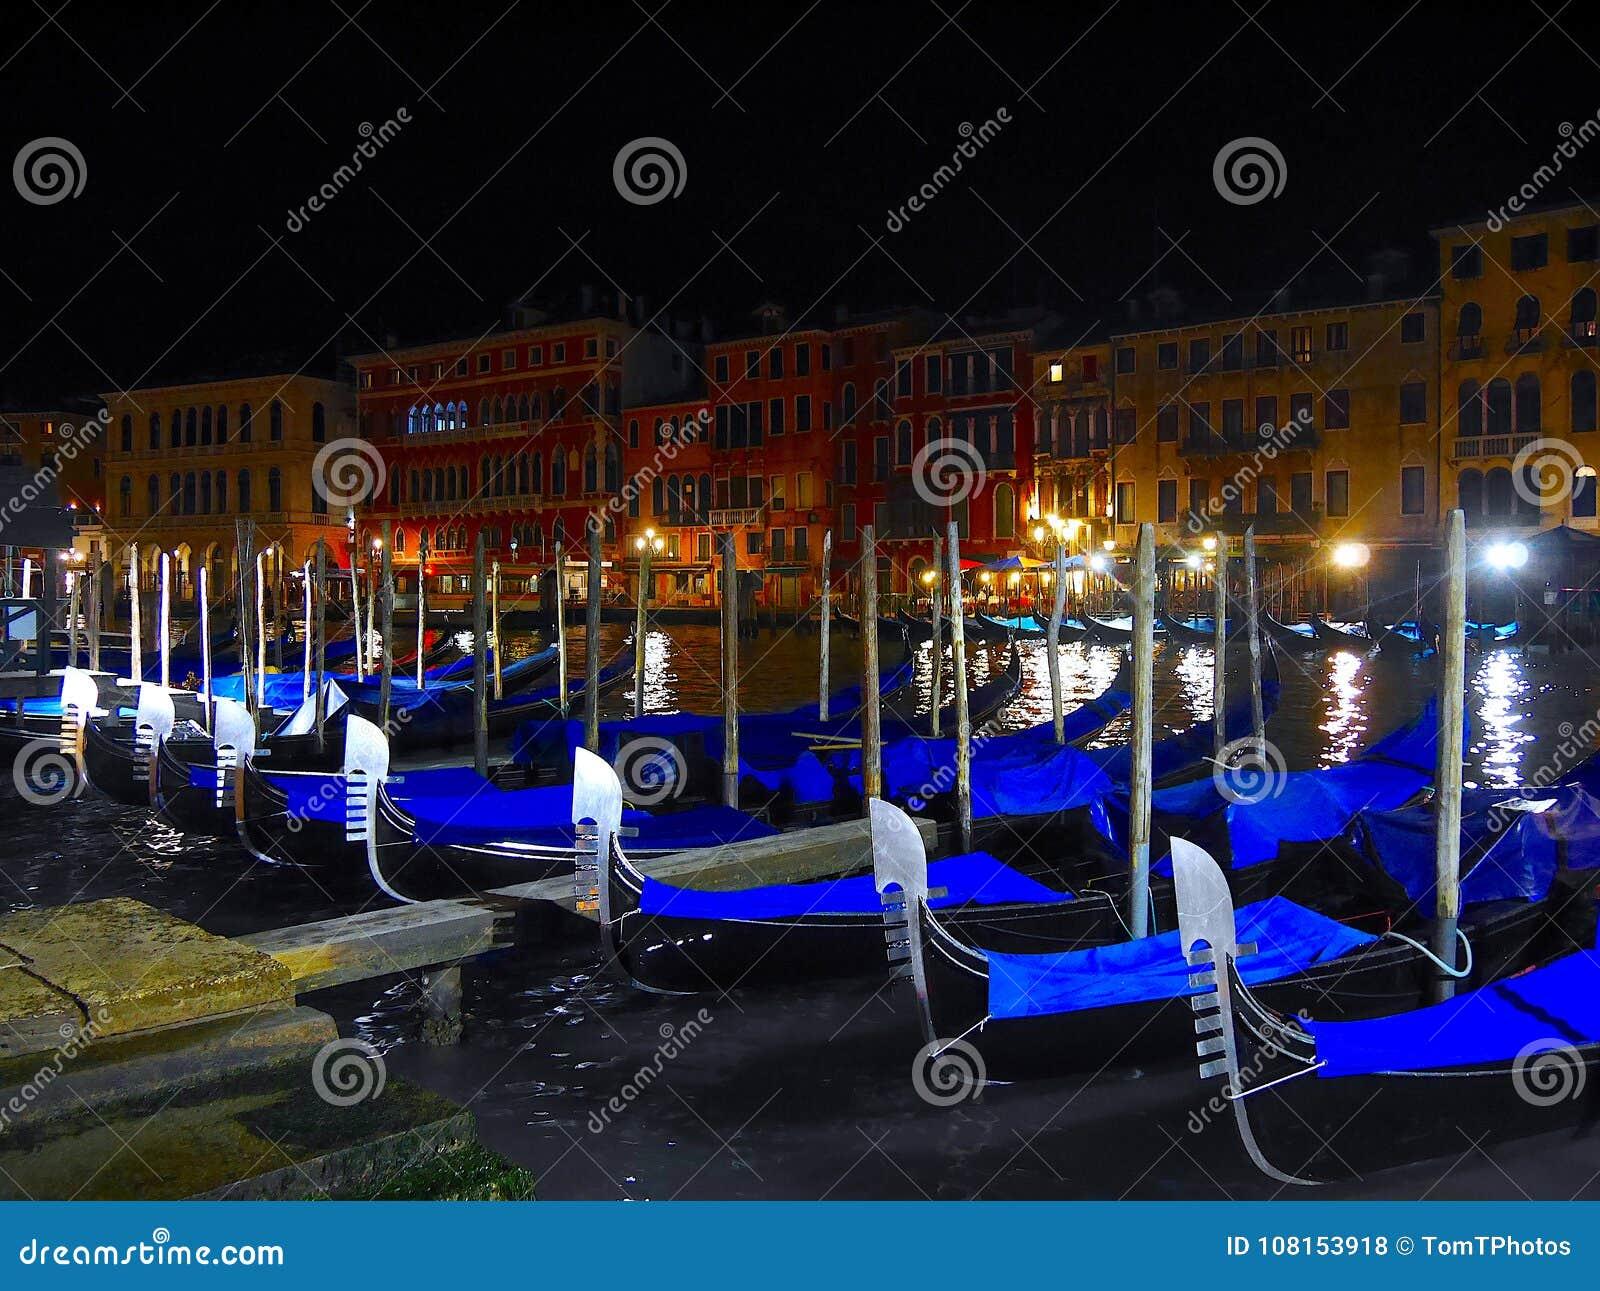 Gondola - Unique way of travel in Venice